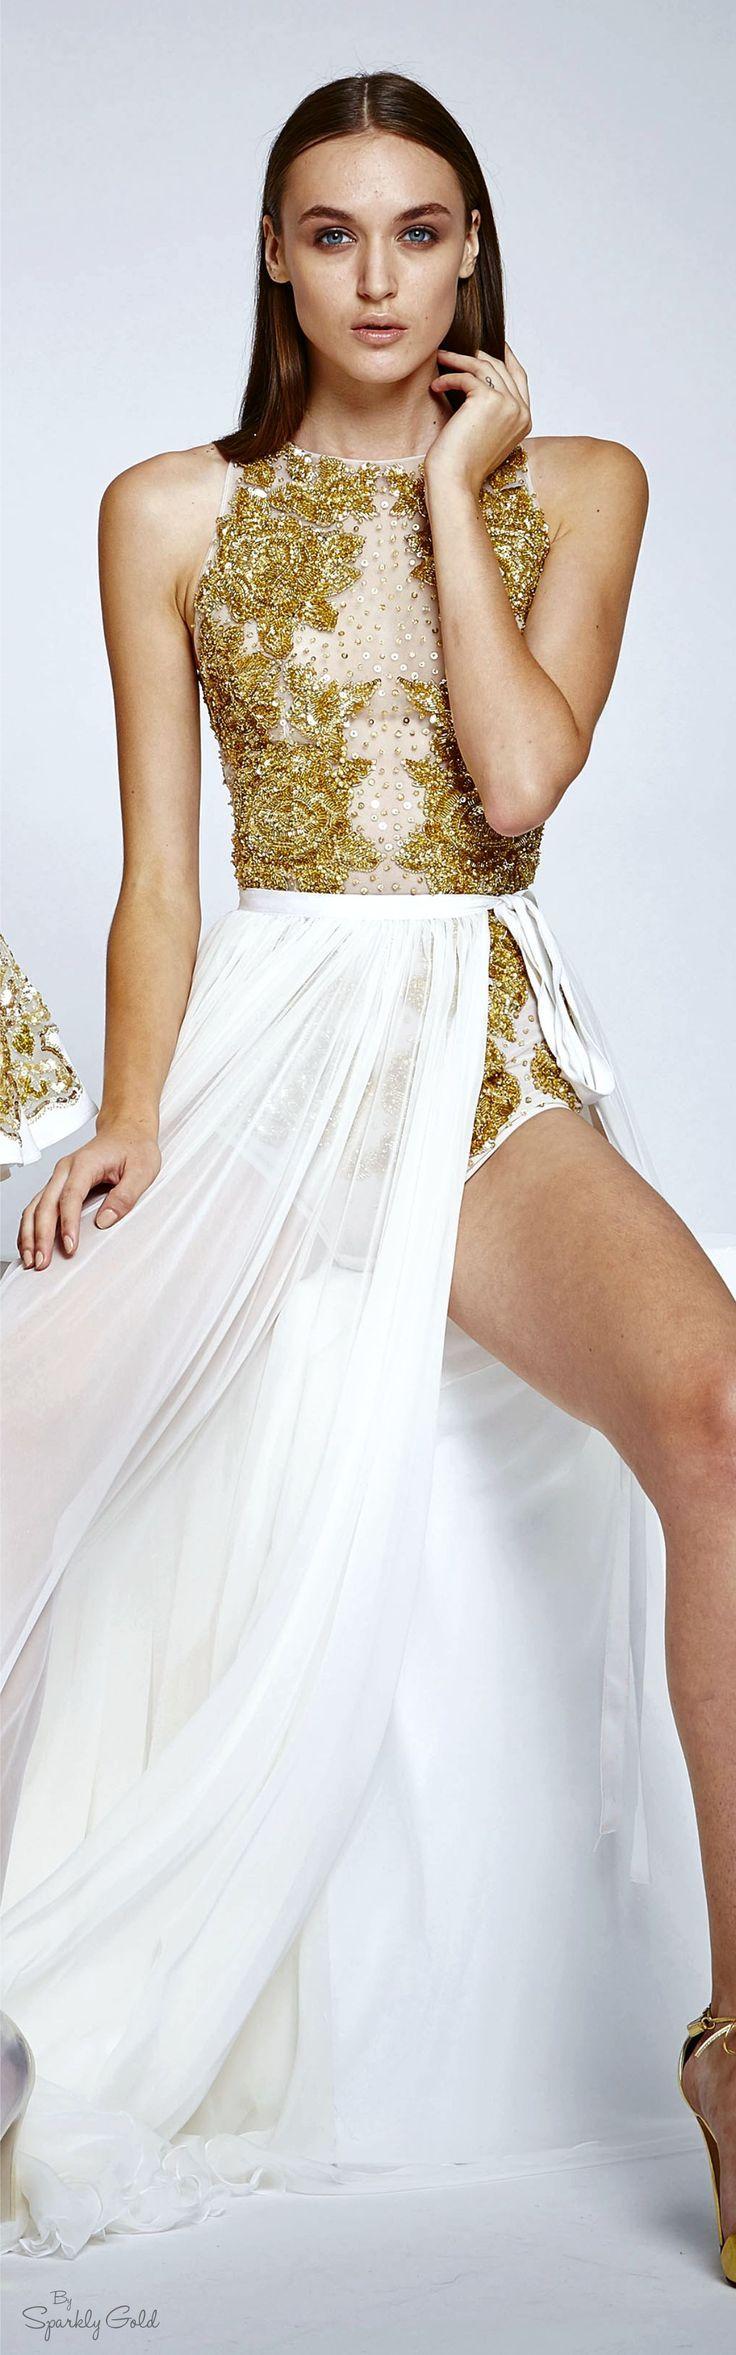 191 besten Fashion - Zuhair Murad Bilder auf Pinterest | Lange ...